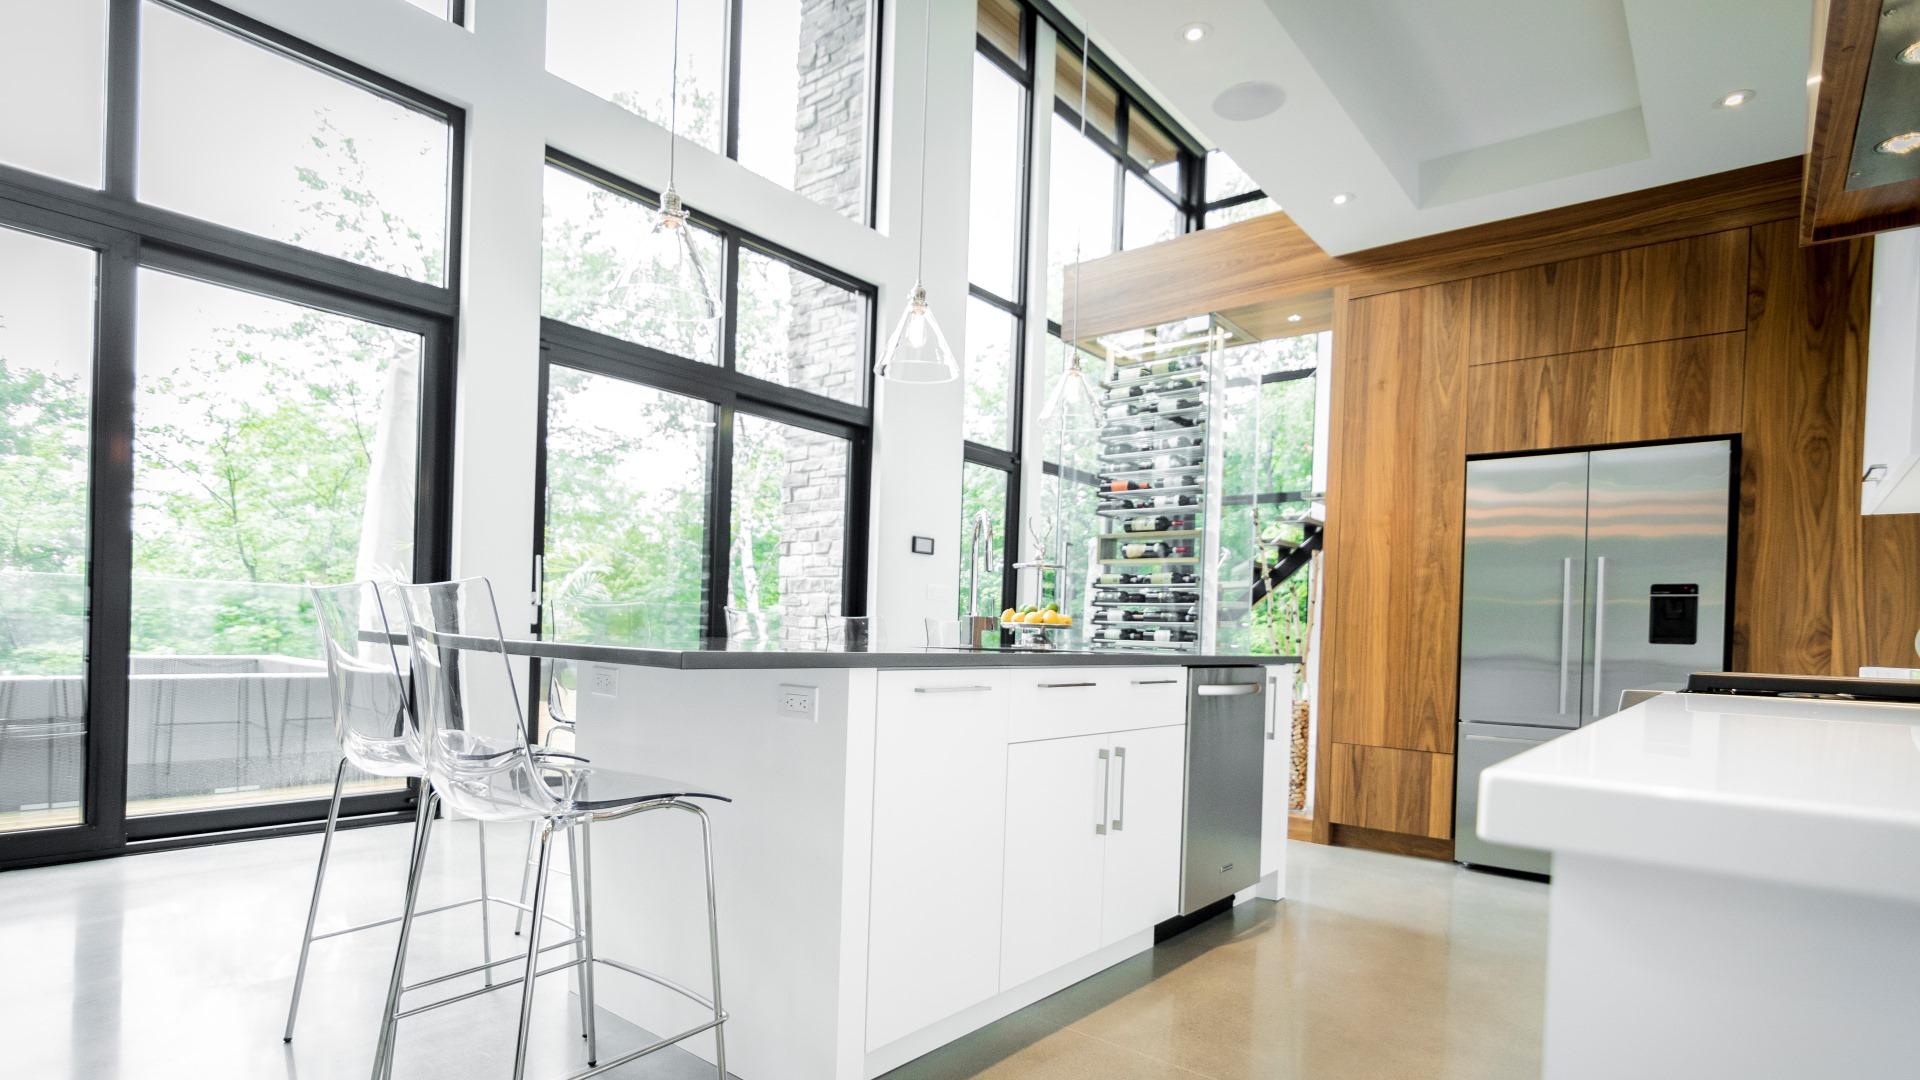 Cuisine moderne à aire ouverte. Le lave-vaisselle est intégré aux armoires de l'îlot central.